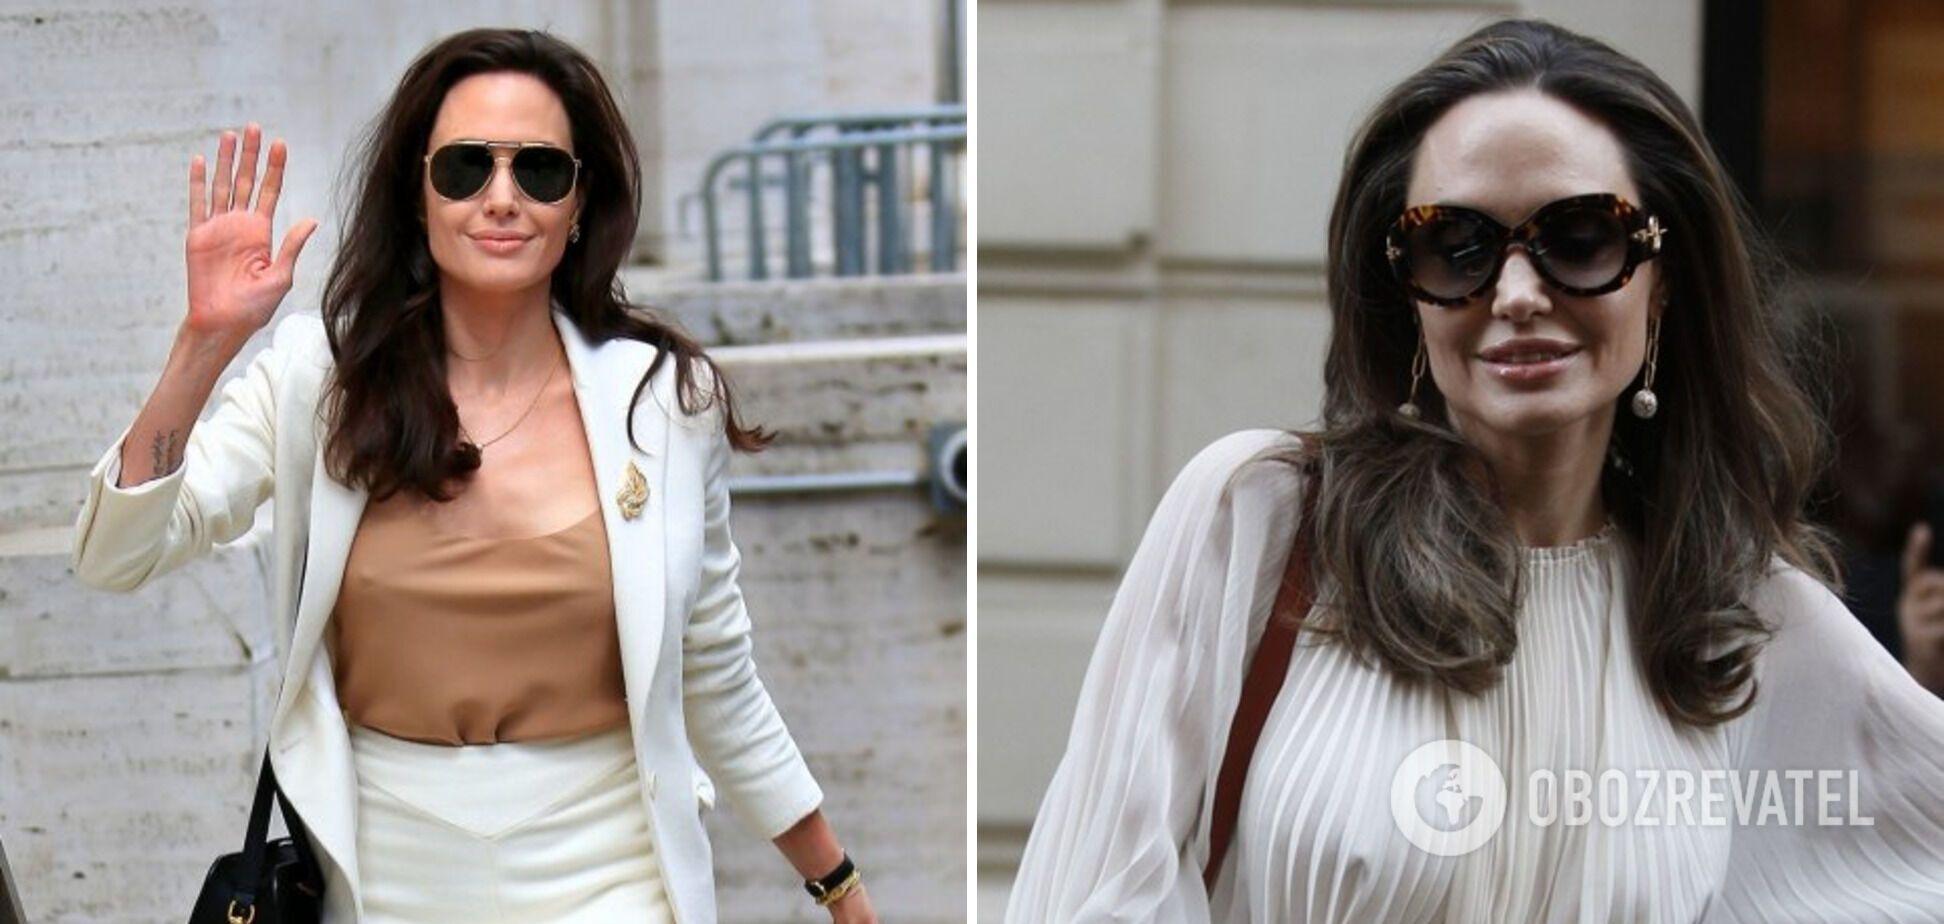 Анджелина Джоли часто надевает одежду без белья.